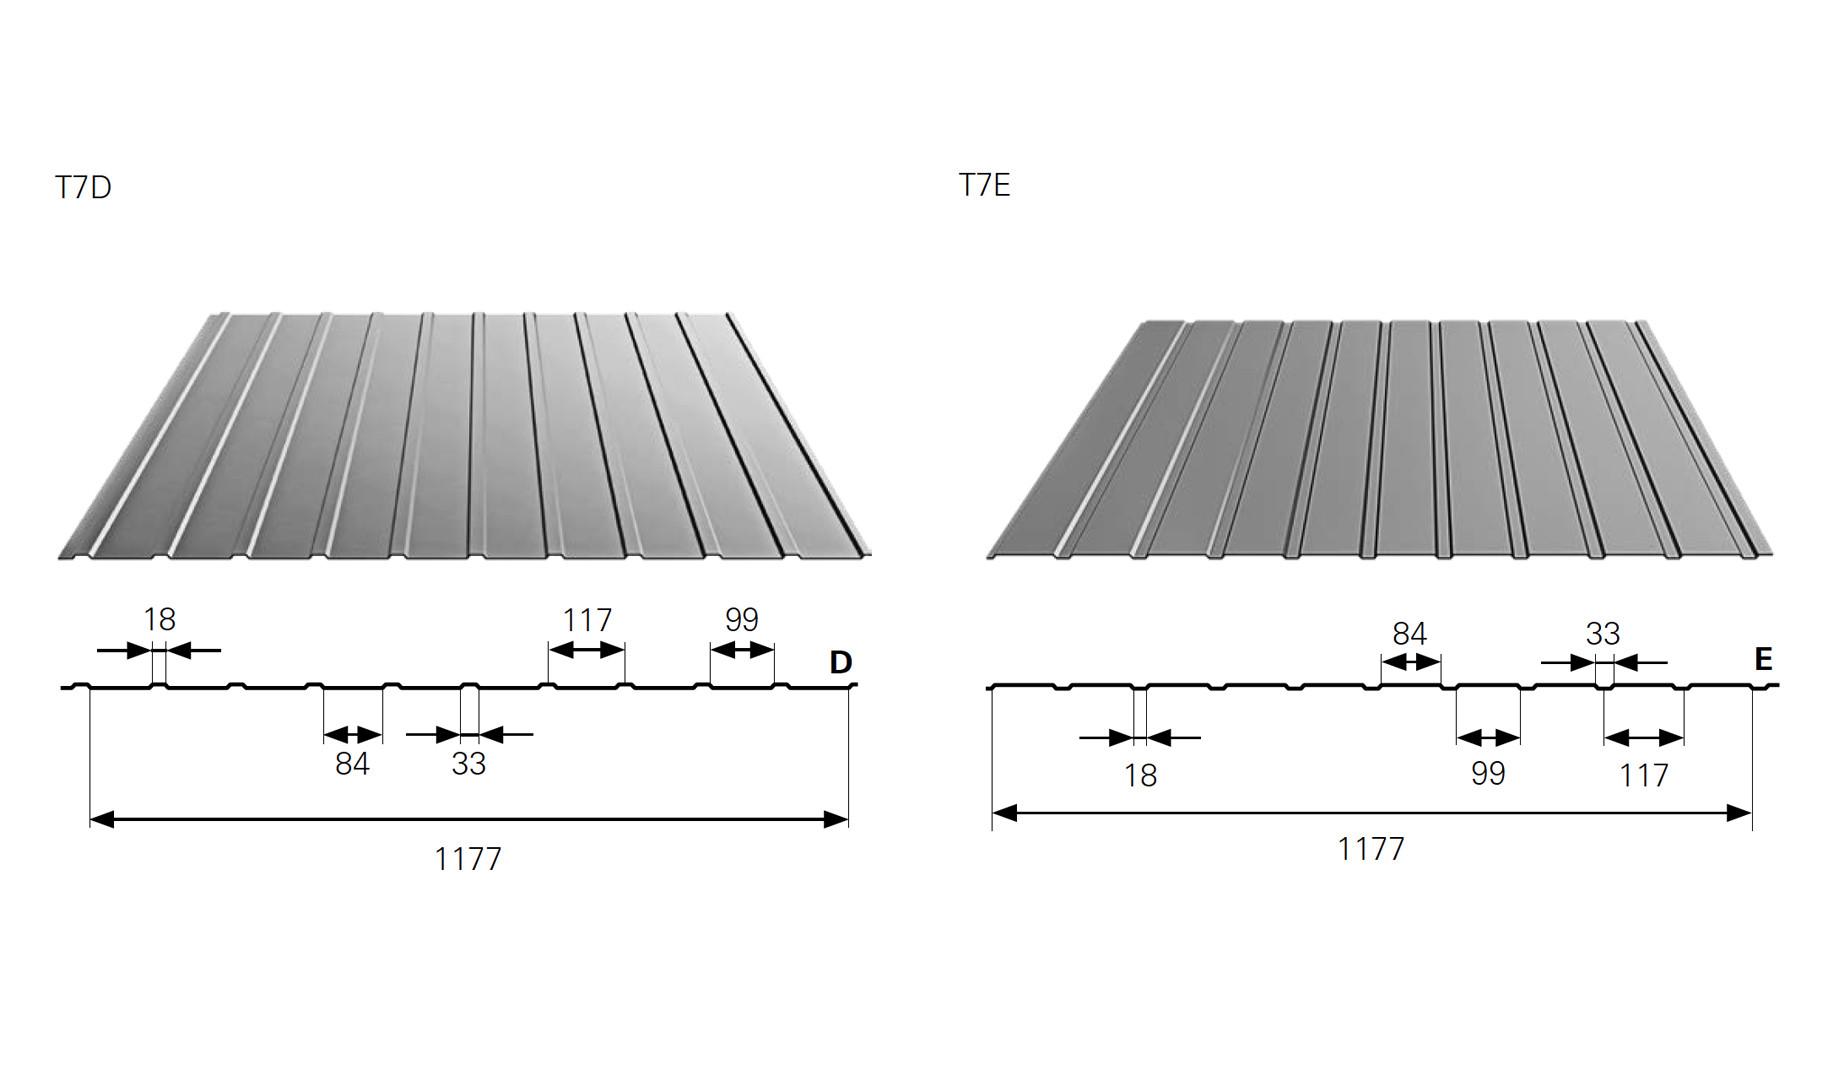 blacha trapezowa t7 specyfikacja